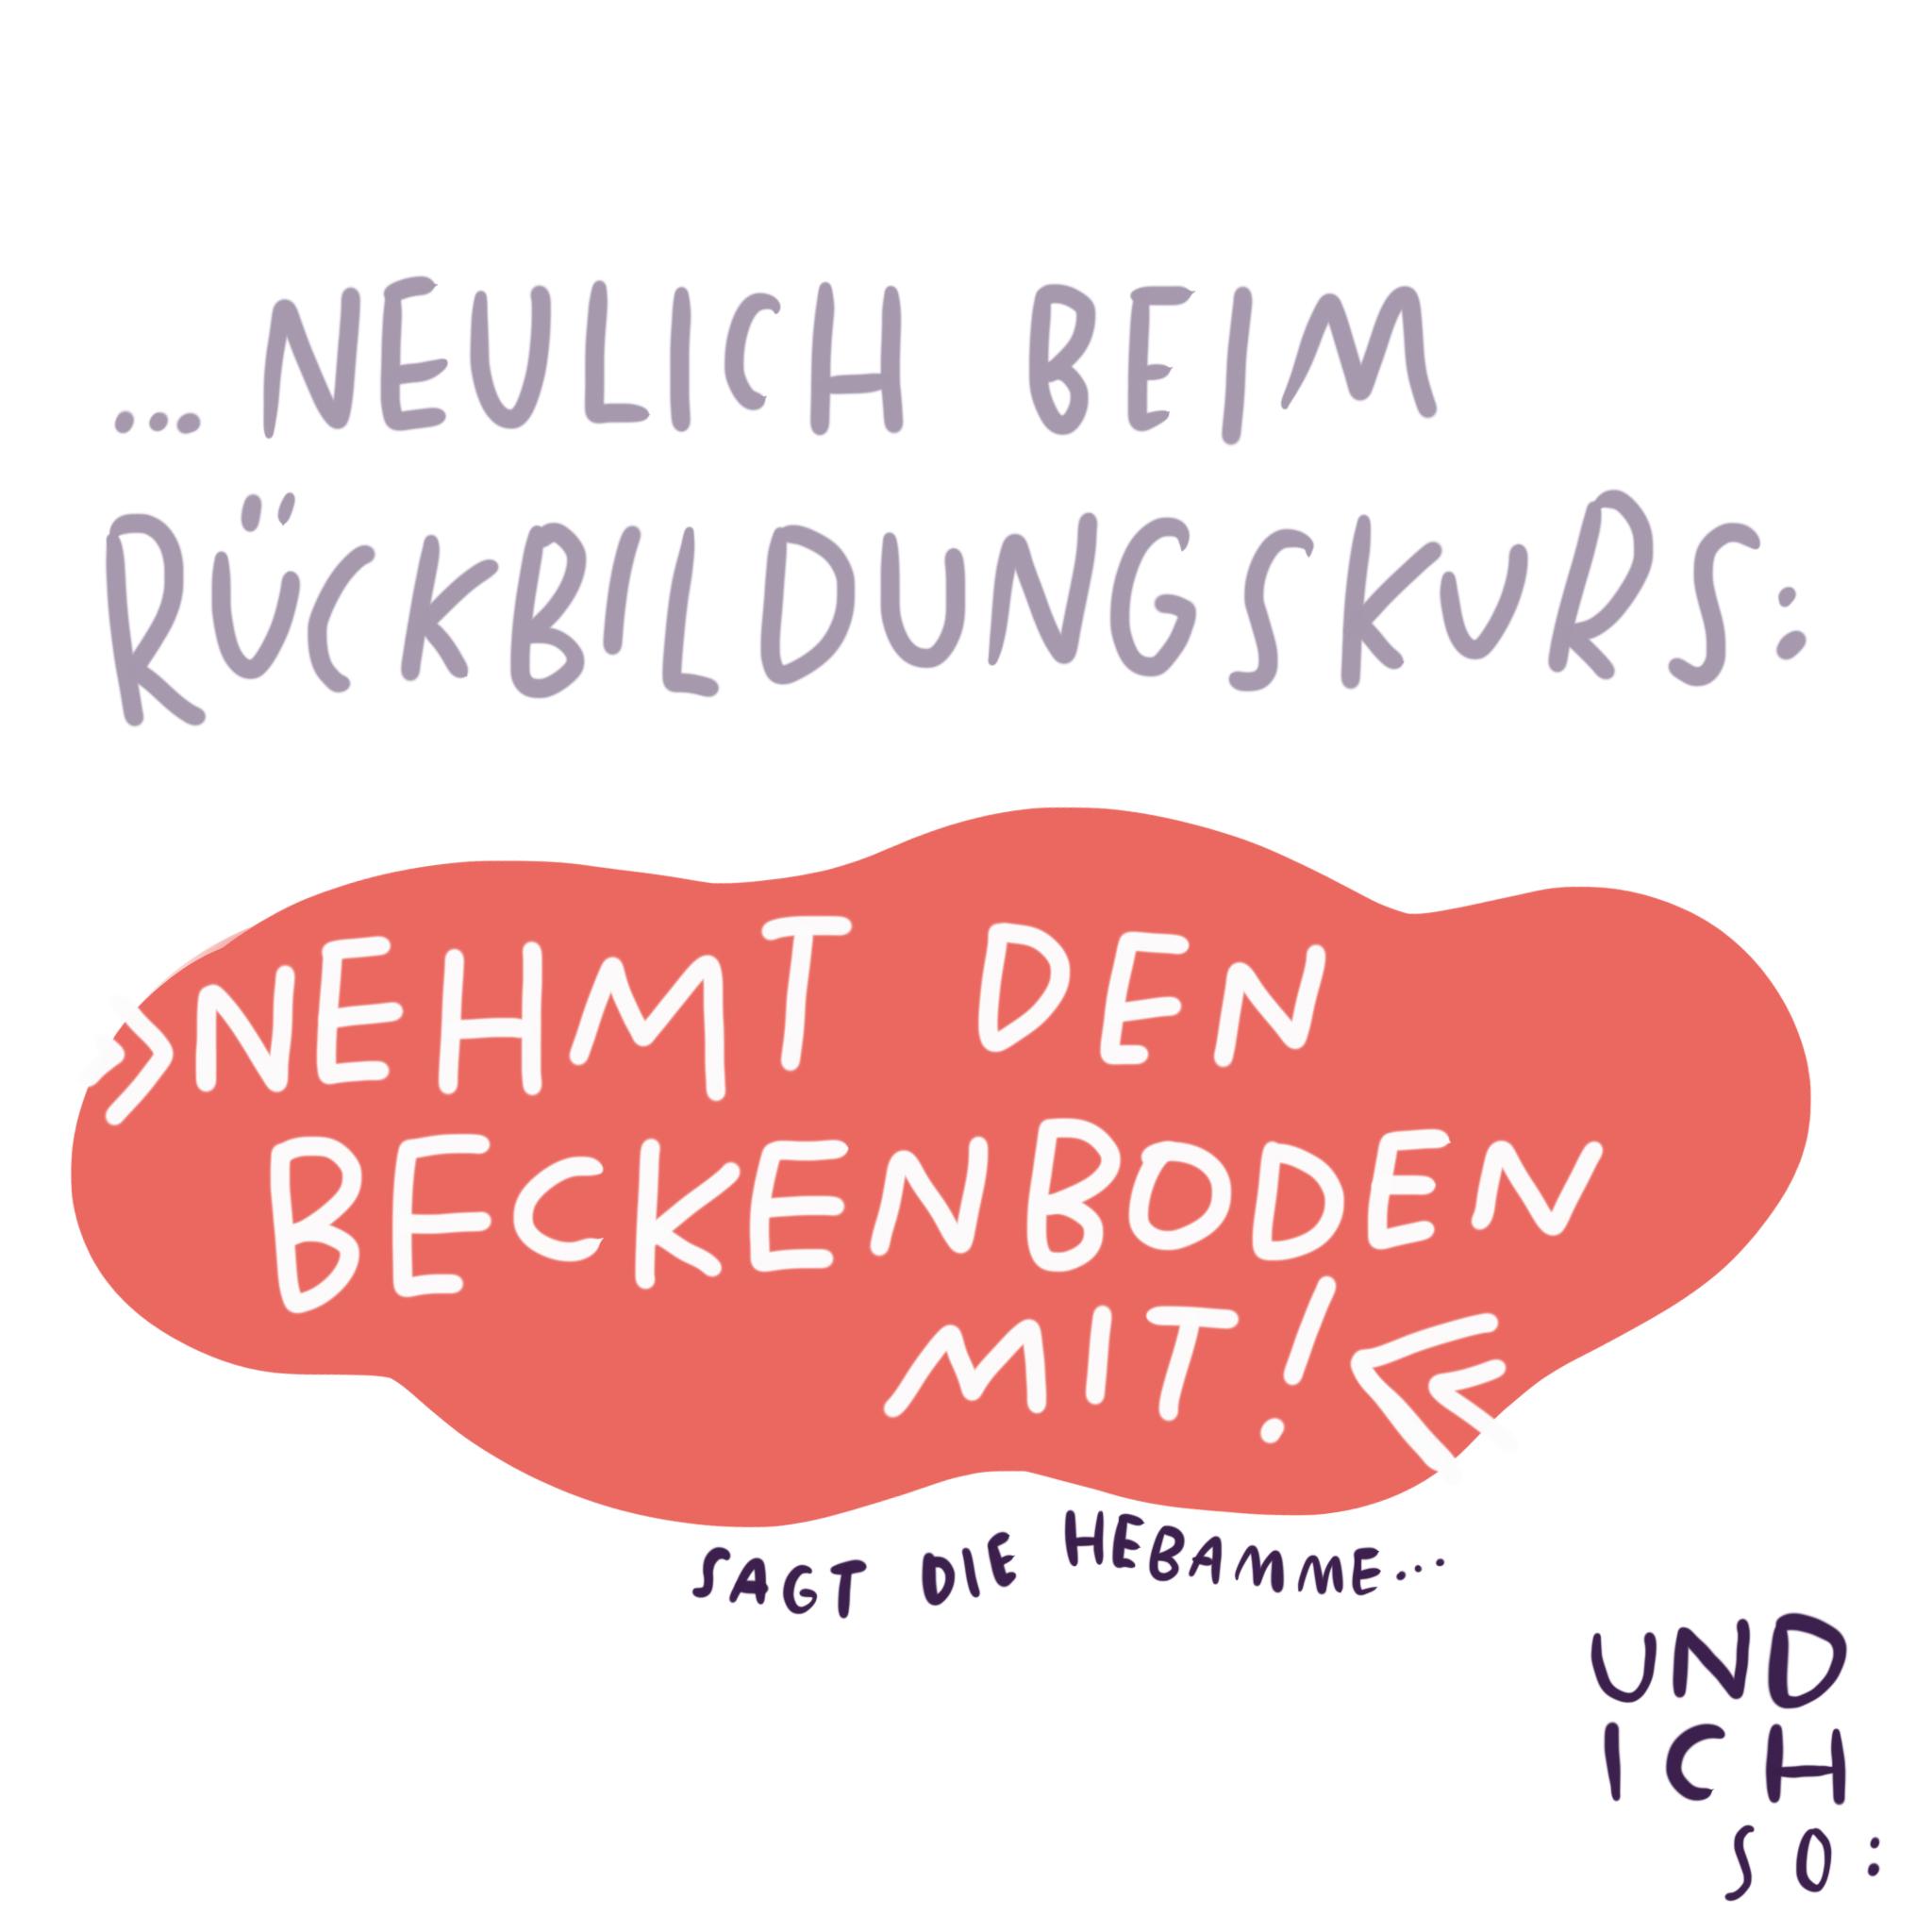 beckenboden_01.jpg